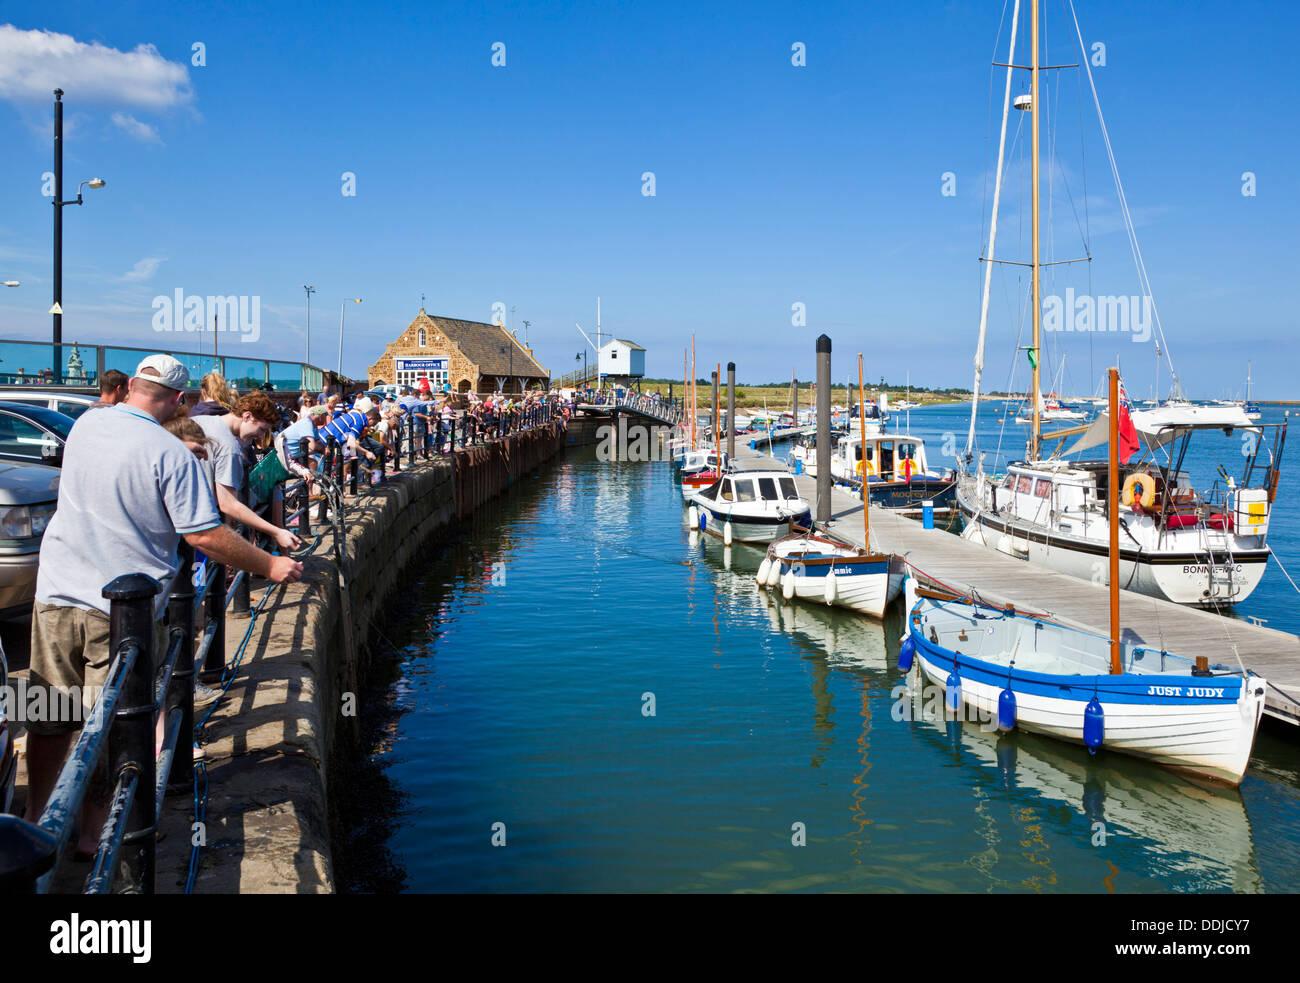 Urlaubern für Krebse angeln oder Verdrehungen im Hafen von Brunnen neben das Meer North Norfolk Küste England UK Stockfoto